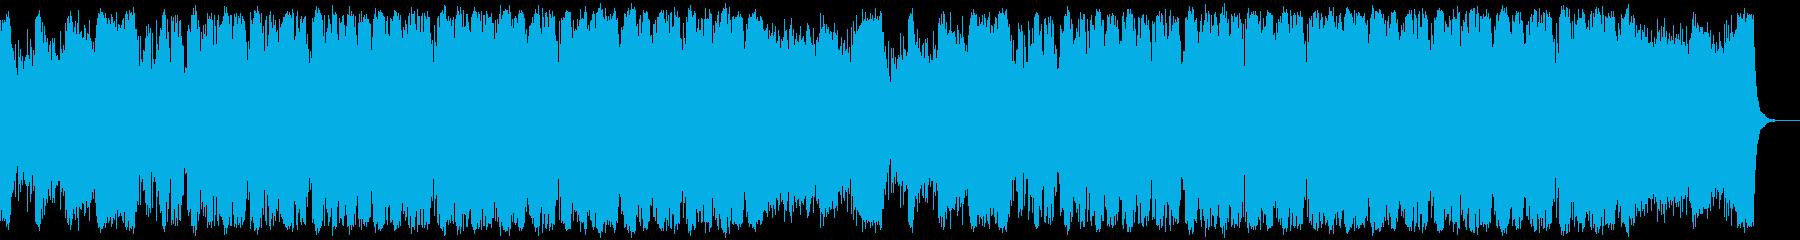 恐怖と脅威のホラーエレクトロオーケストラの再生済みの波形